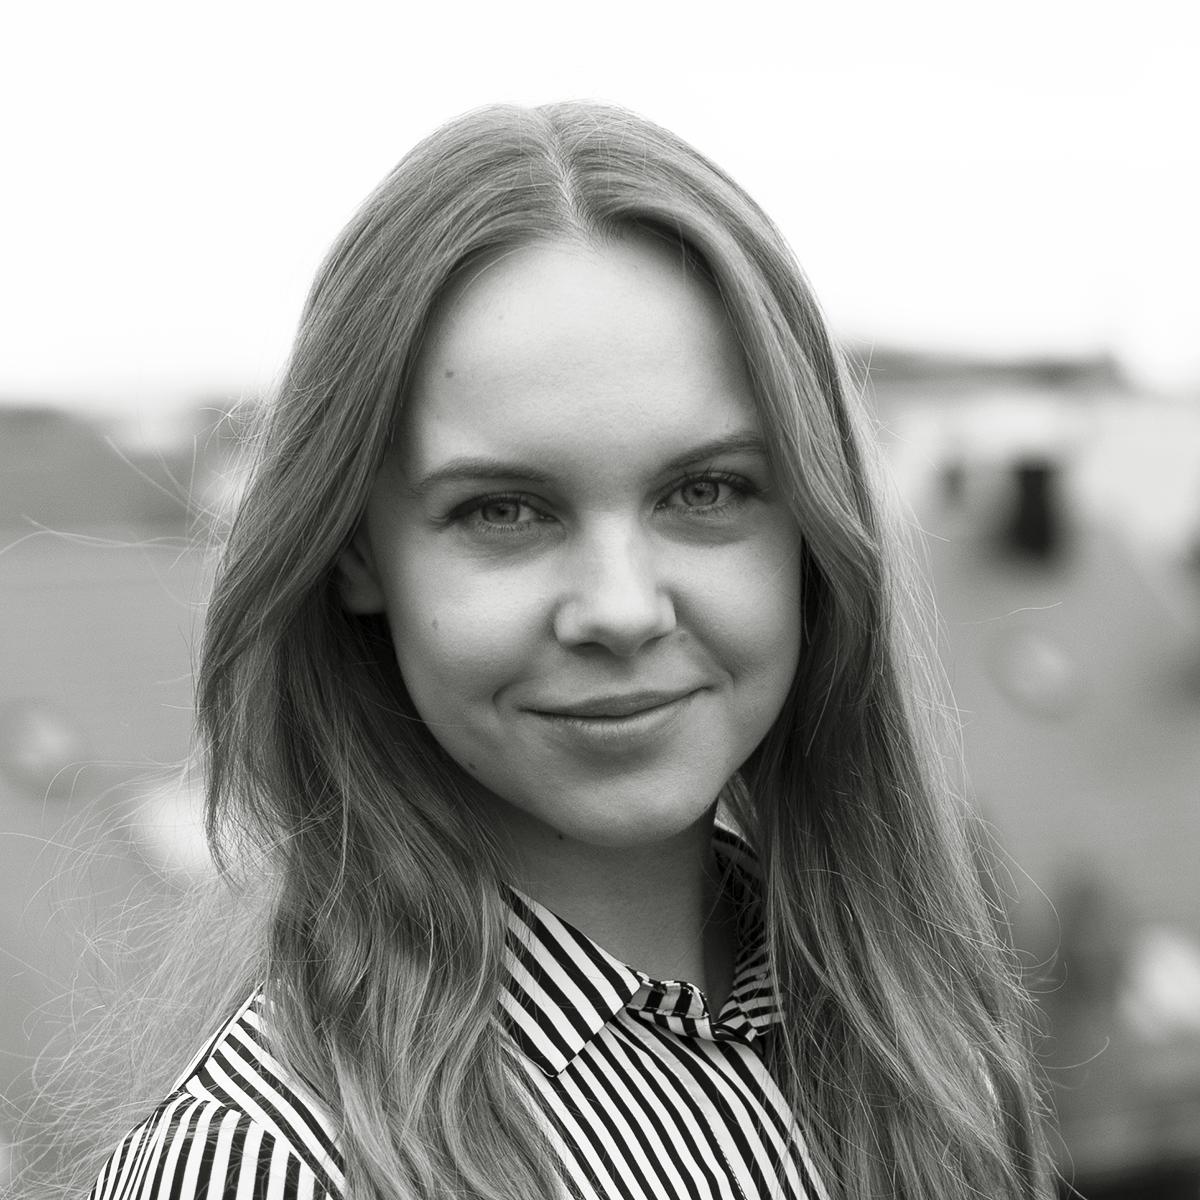 Mia Simone Malthesen